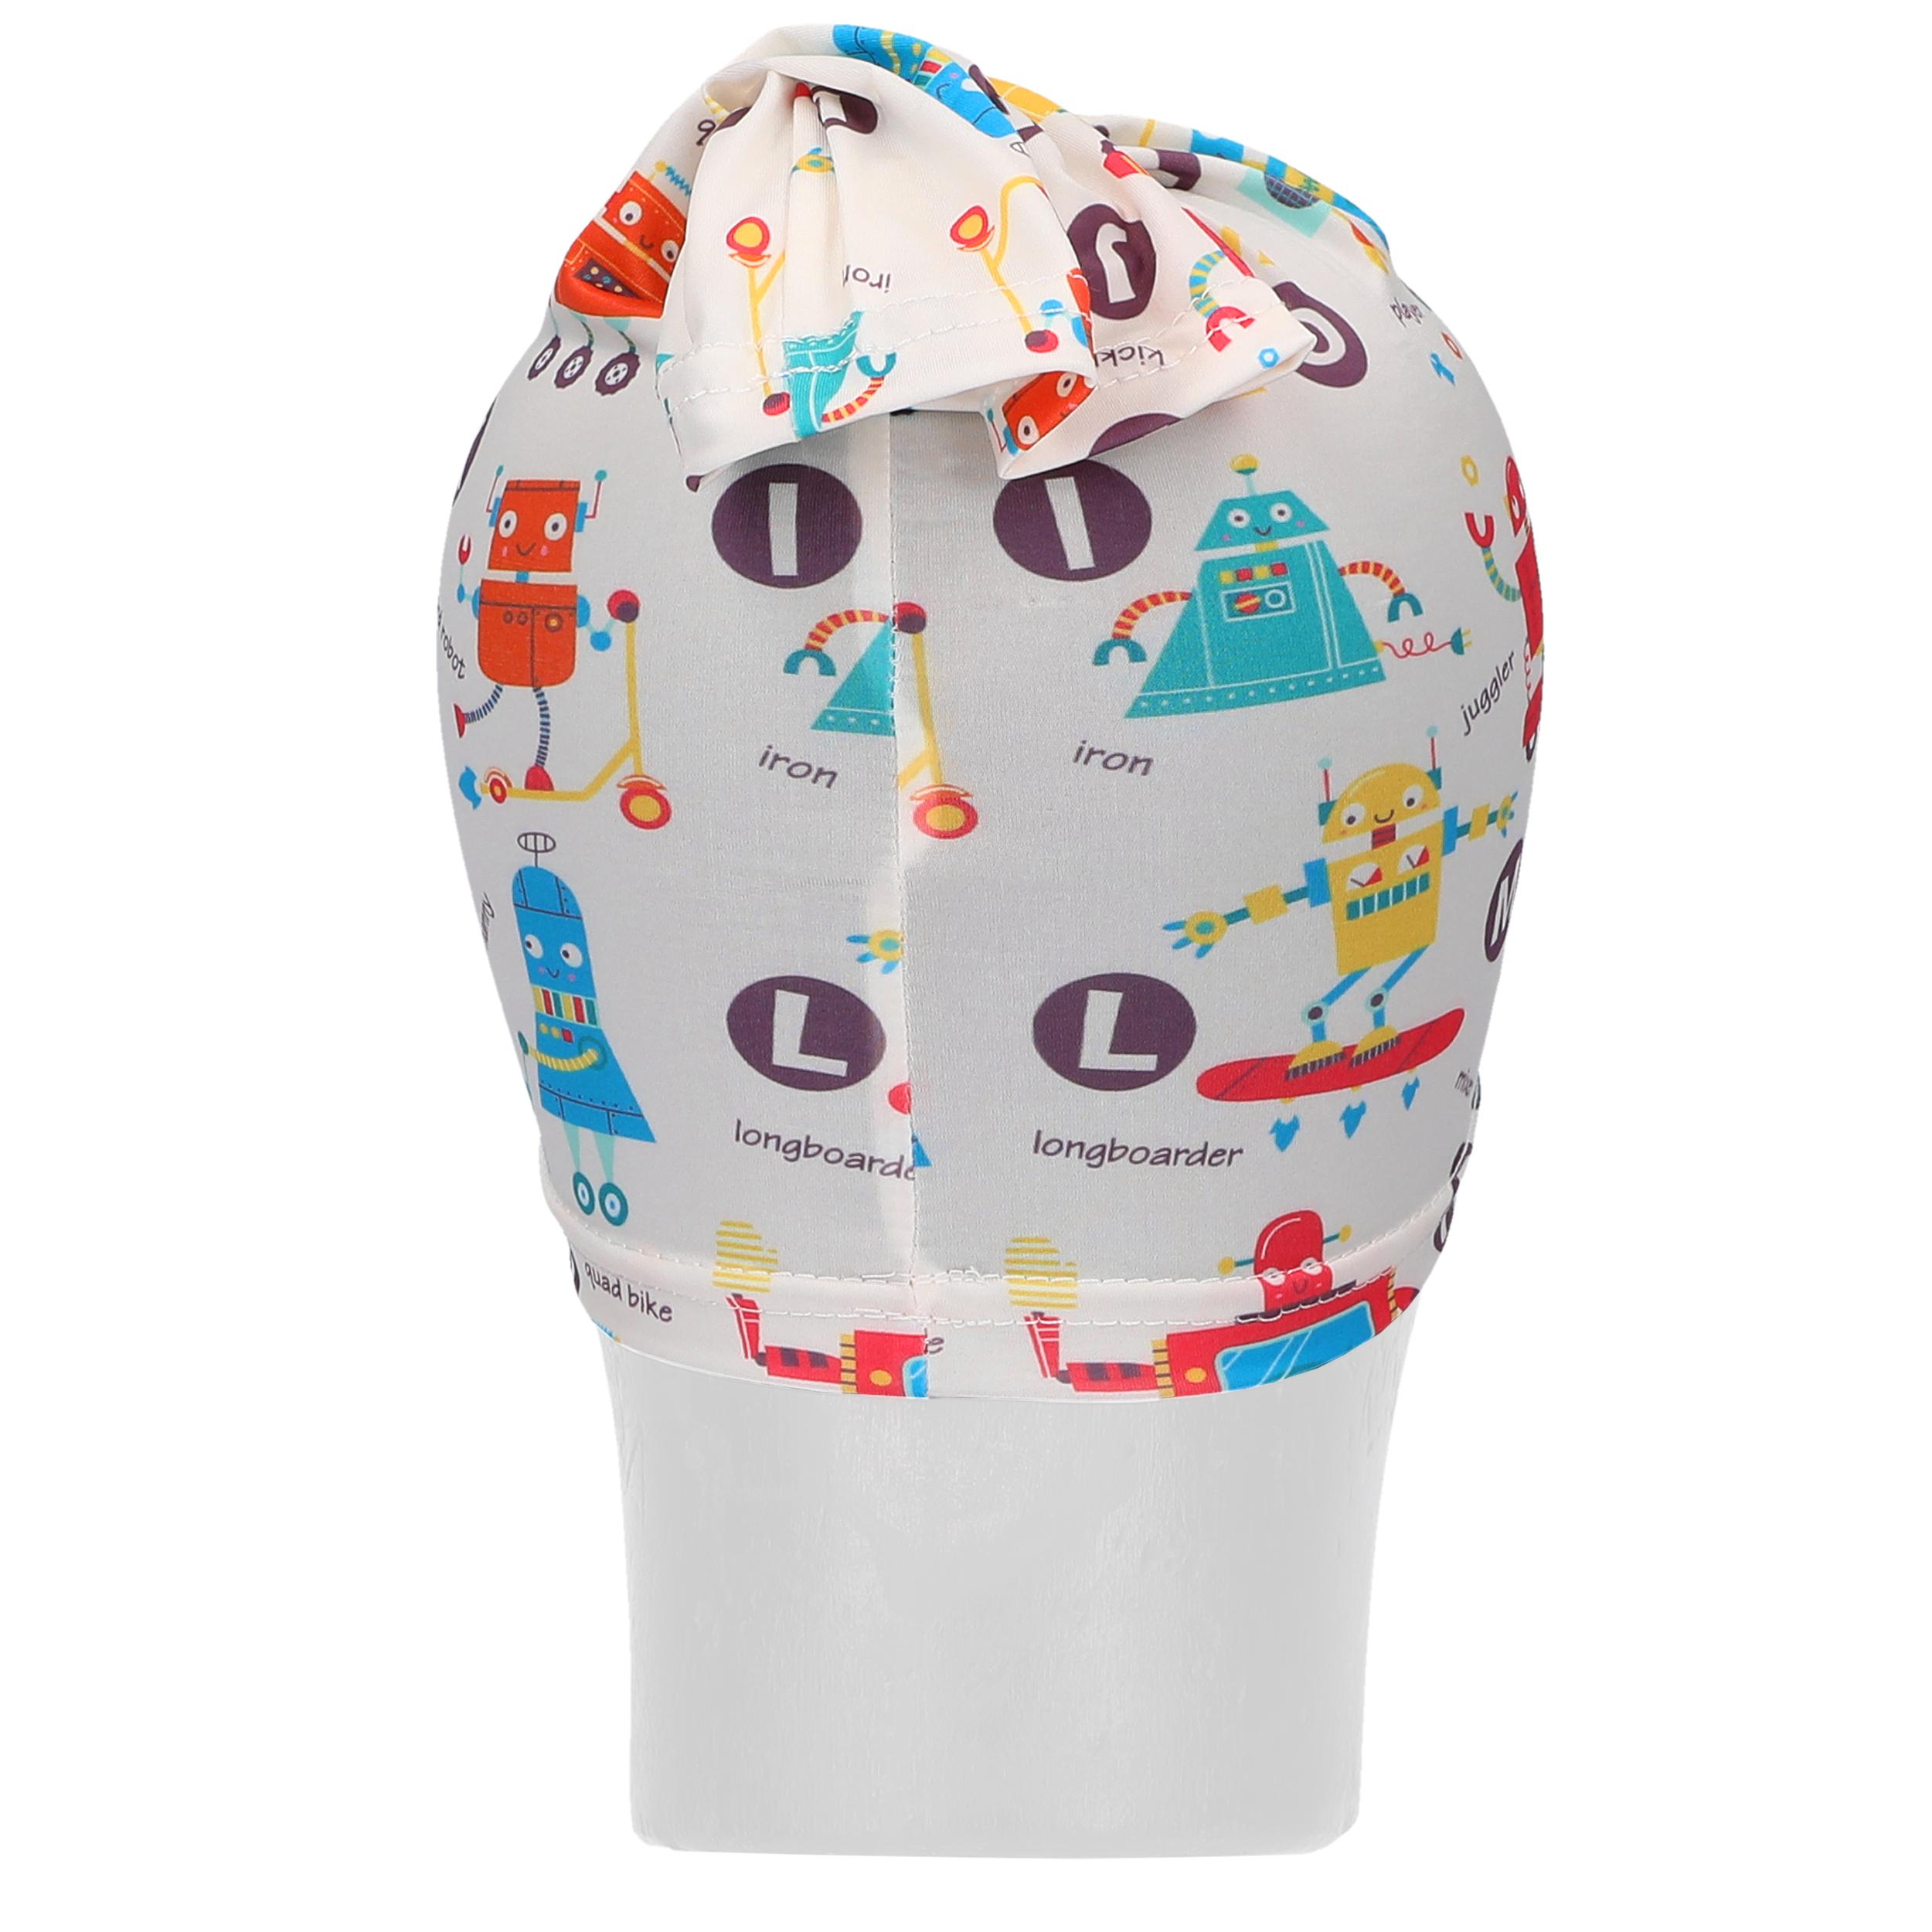 Indexbild 122 - Kinder Schlauchschal Maske Gesichtsmaske Mund Nase Bedeckung Halstuch waschbar